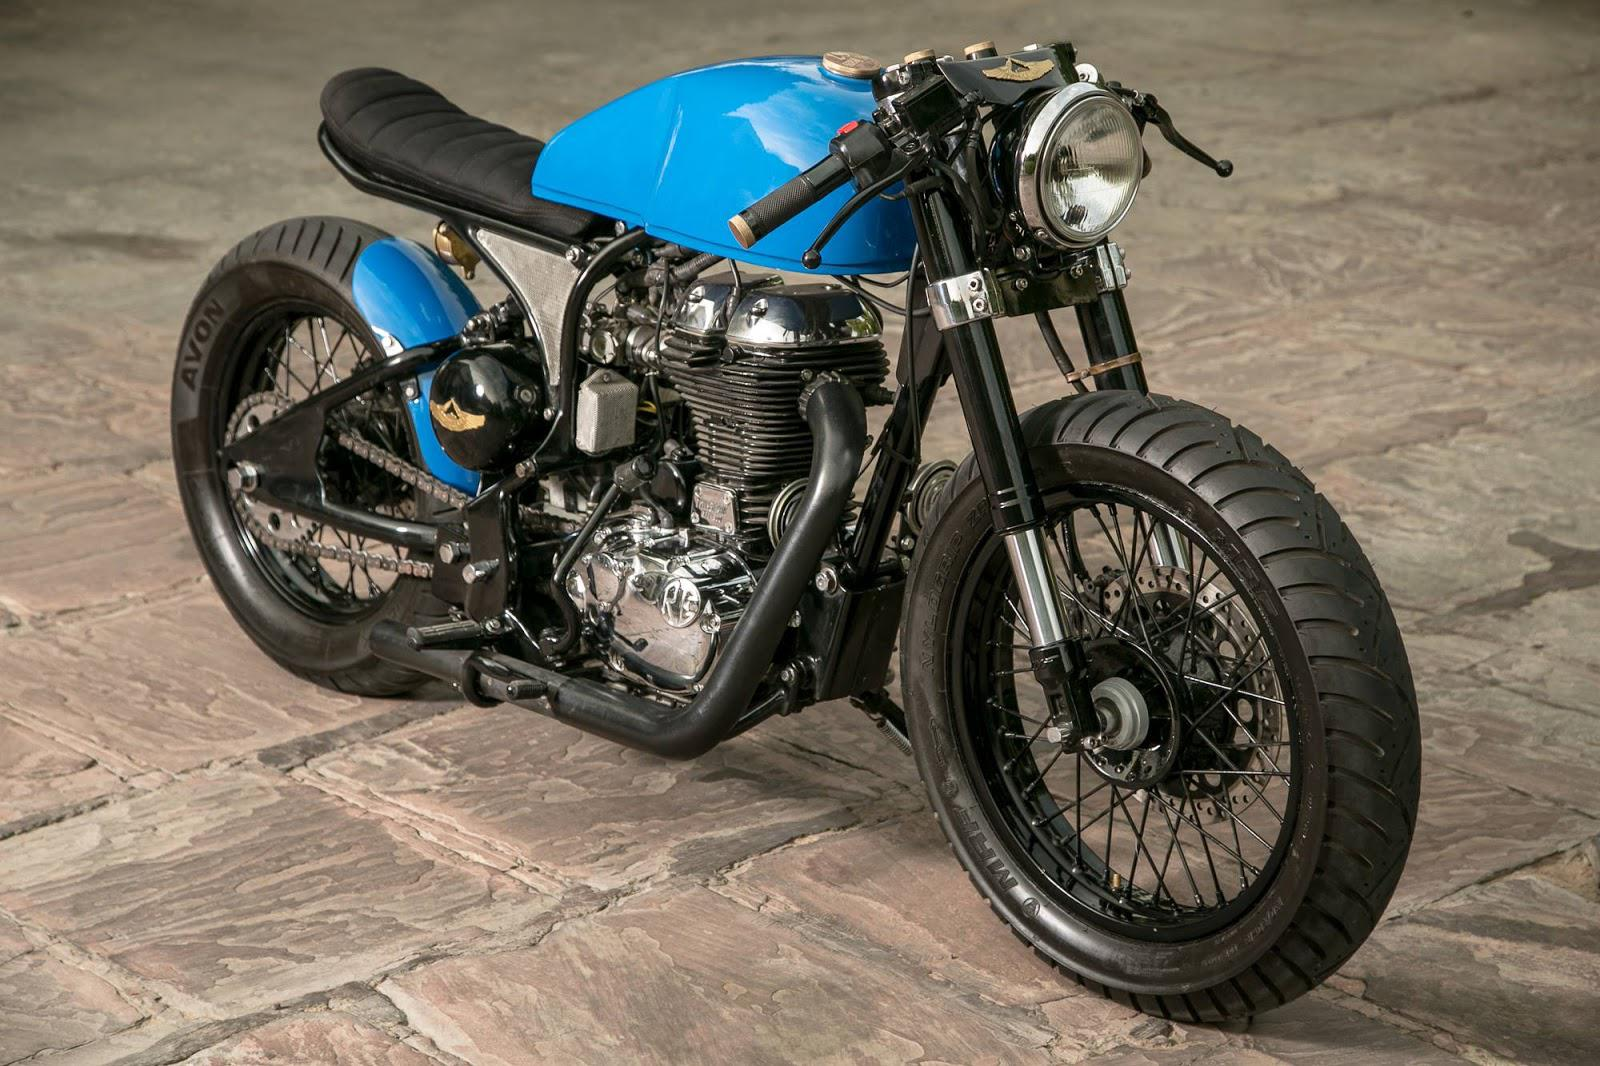 royal enfield nu caf racer motorrad fotos motorrad bilder. Black Bedroom Furniture Sets. Home Design Ideas